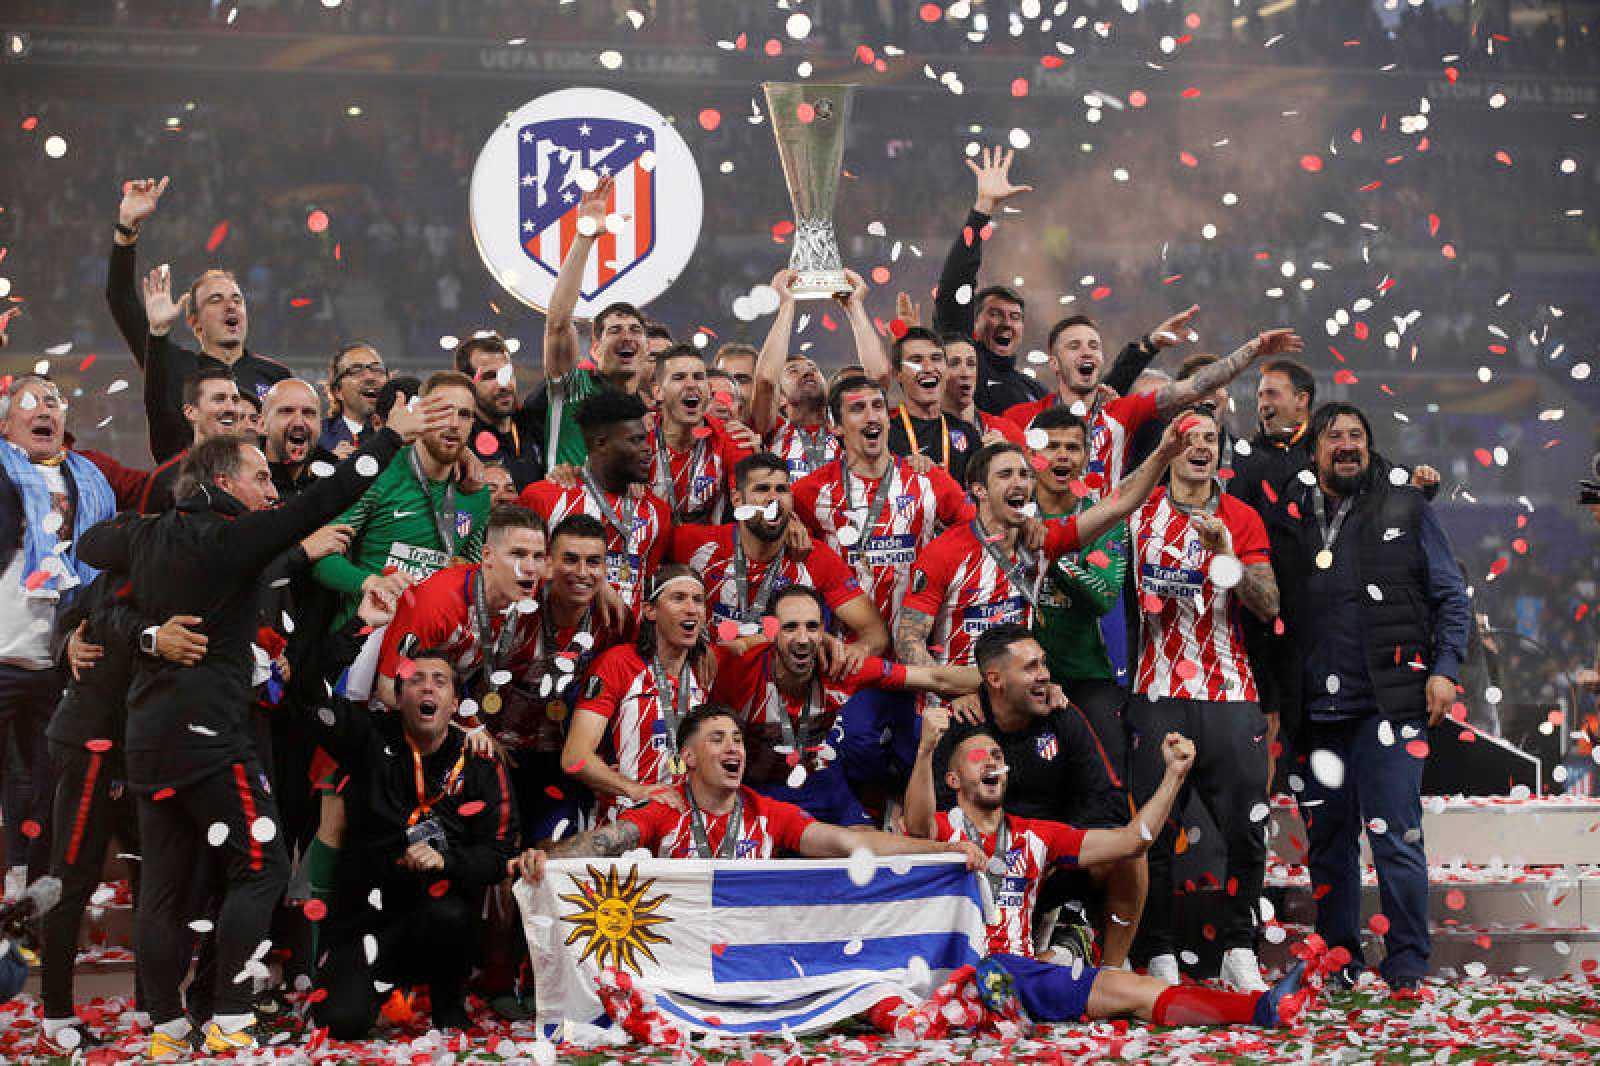 Los jugadores del Atlético celebran el triunfo.